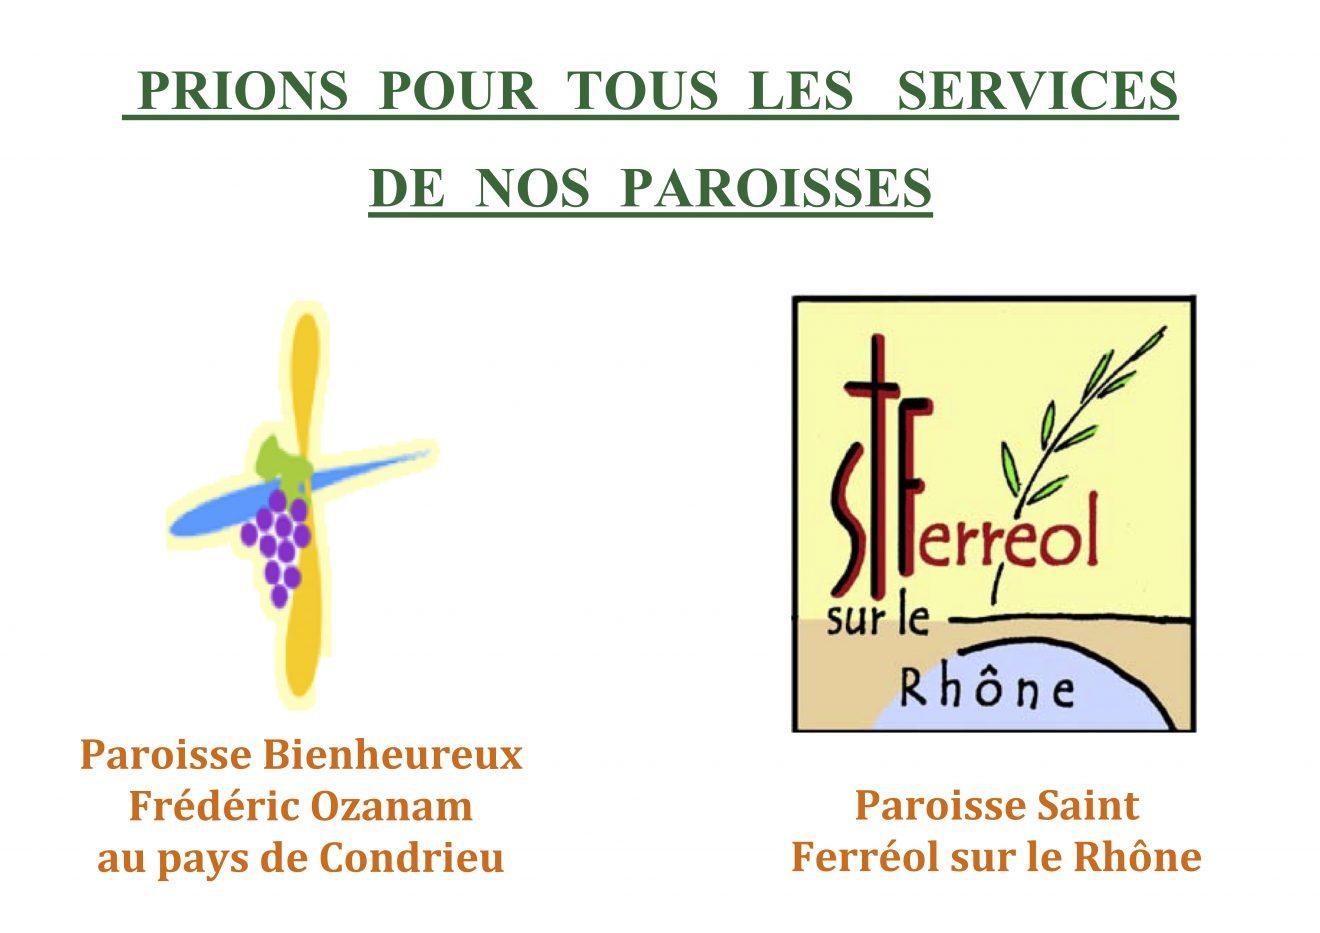 Prions pour toutes les activités de nos paroisses